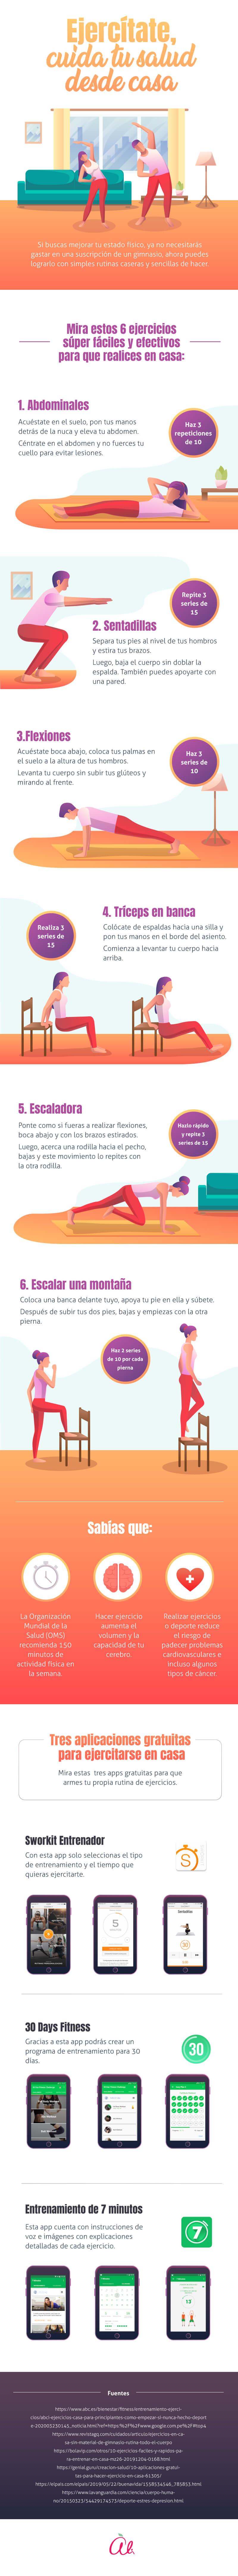 ejercicios-para-hacer-en-casa-infografia